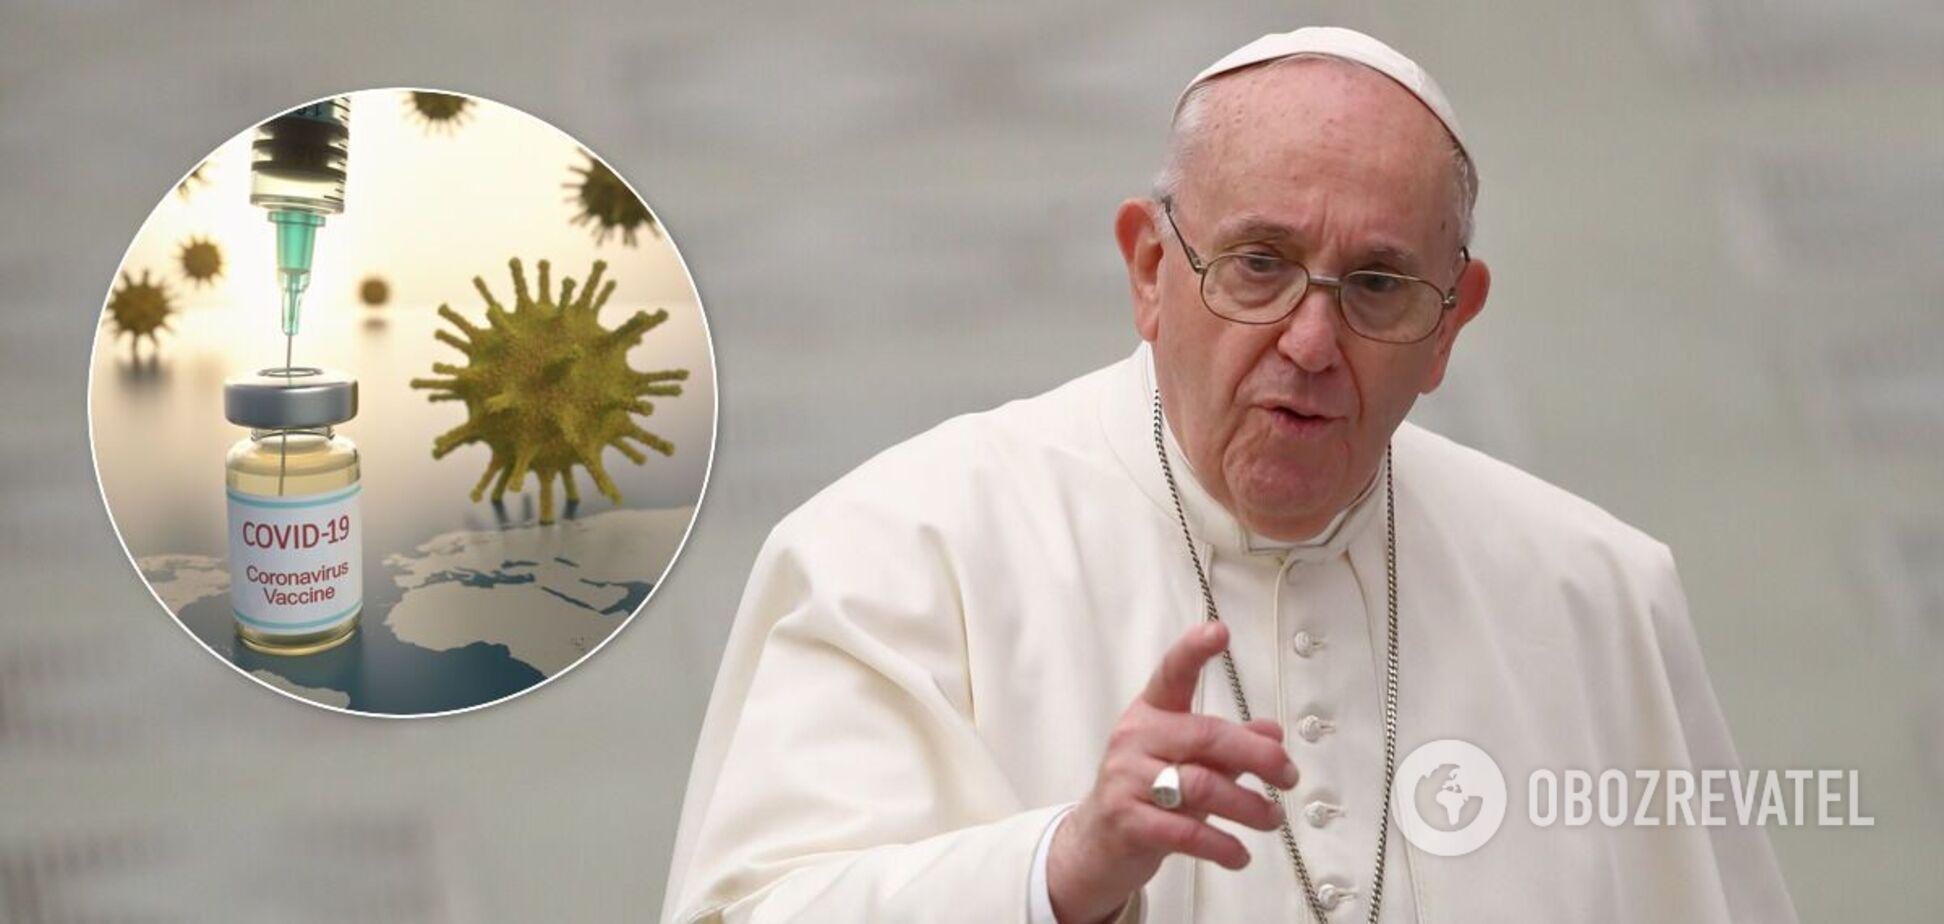 Папа Римський закликав вакцинуватися проти коронавірусу